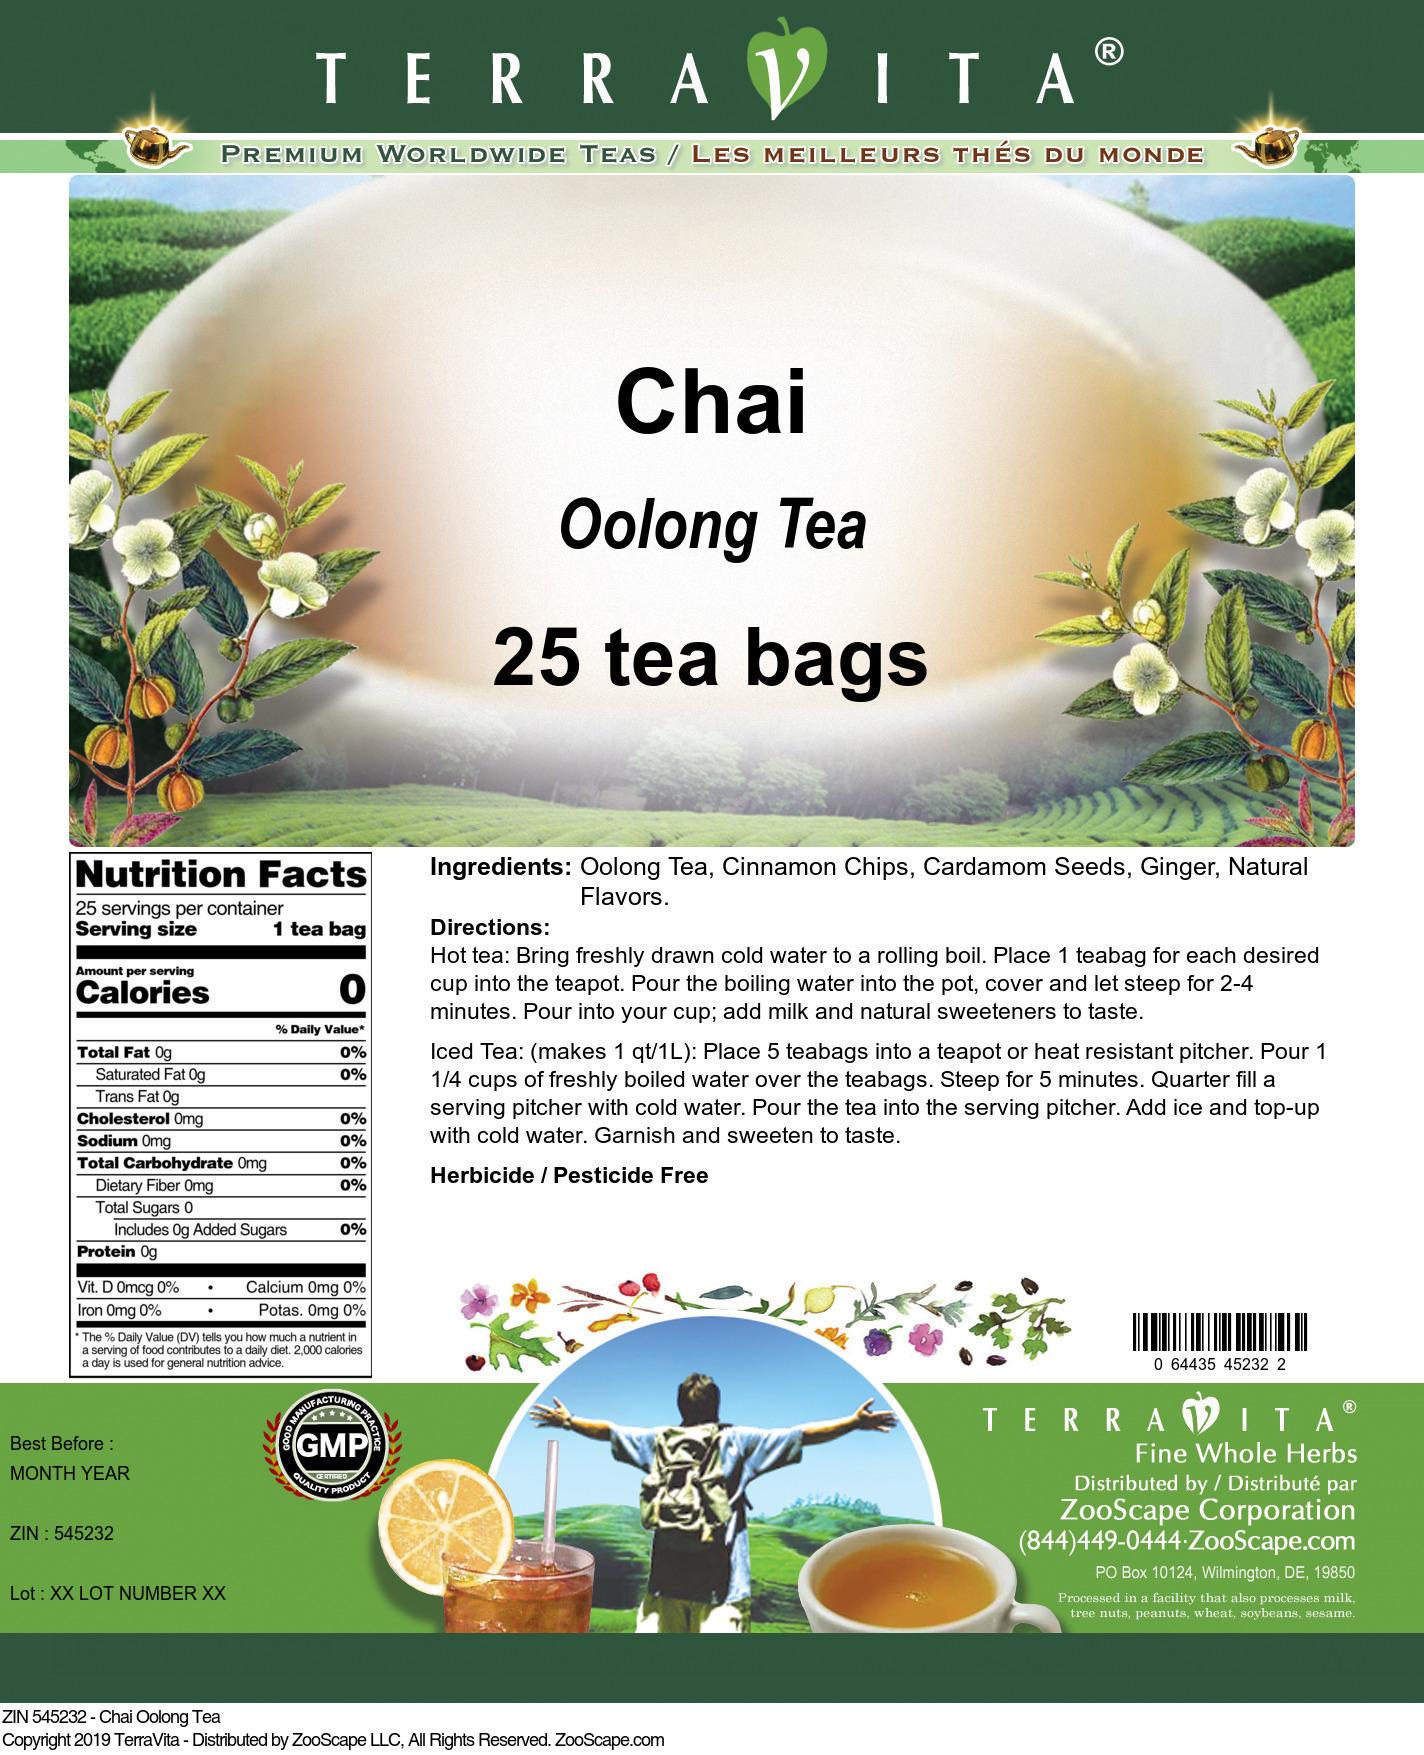 Chai Oolong Tea